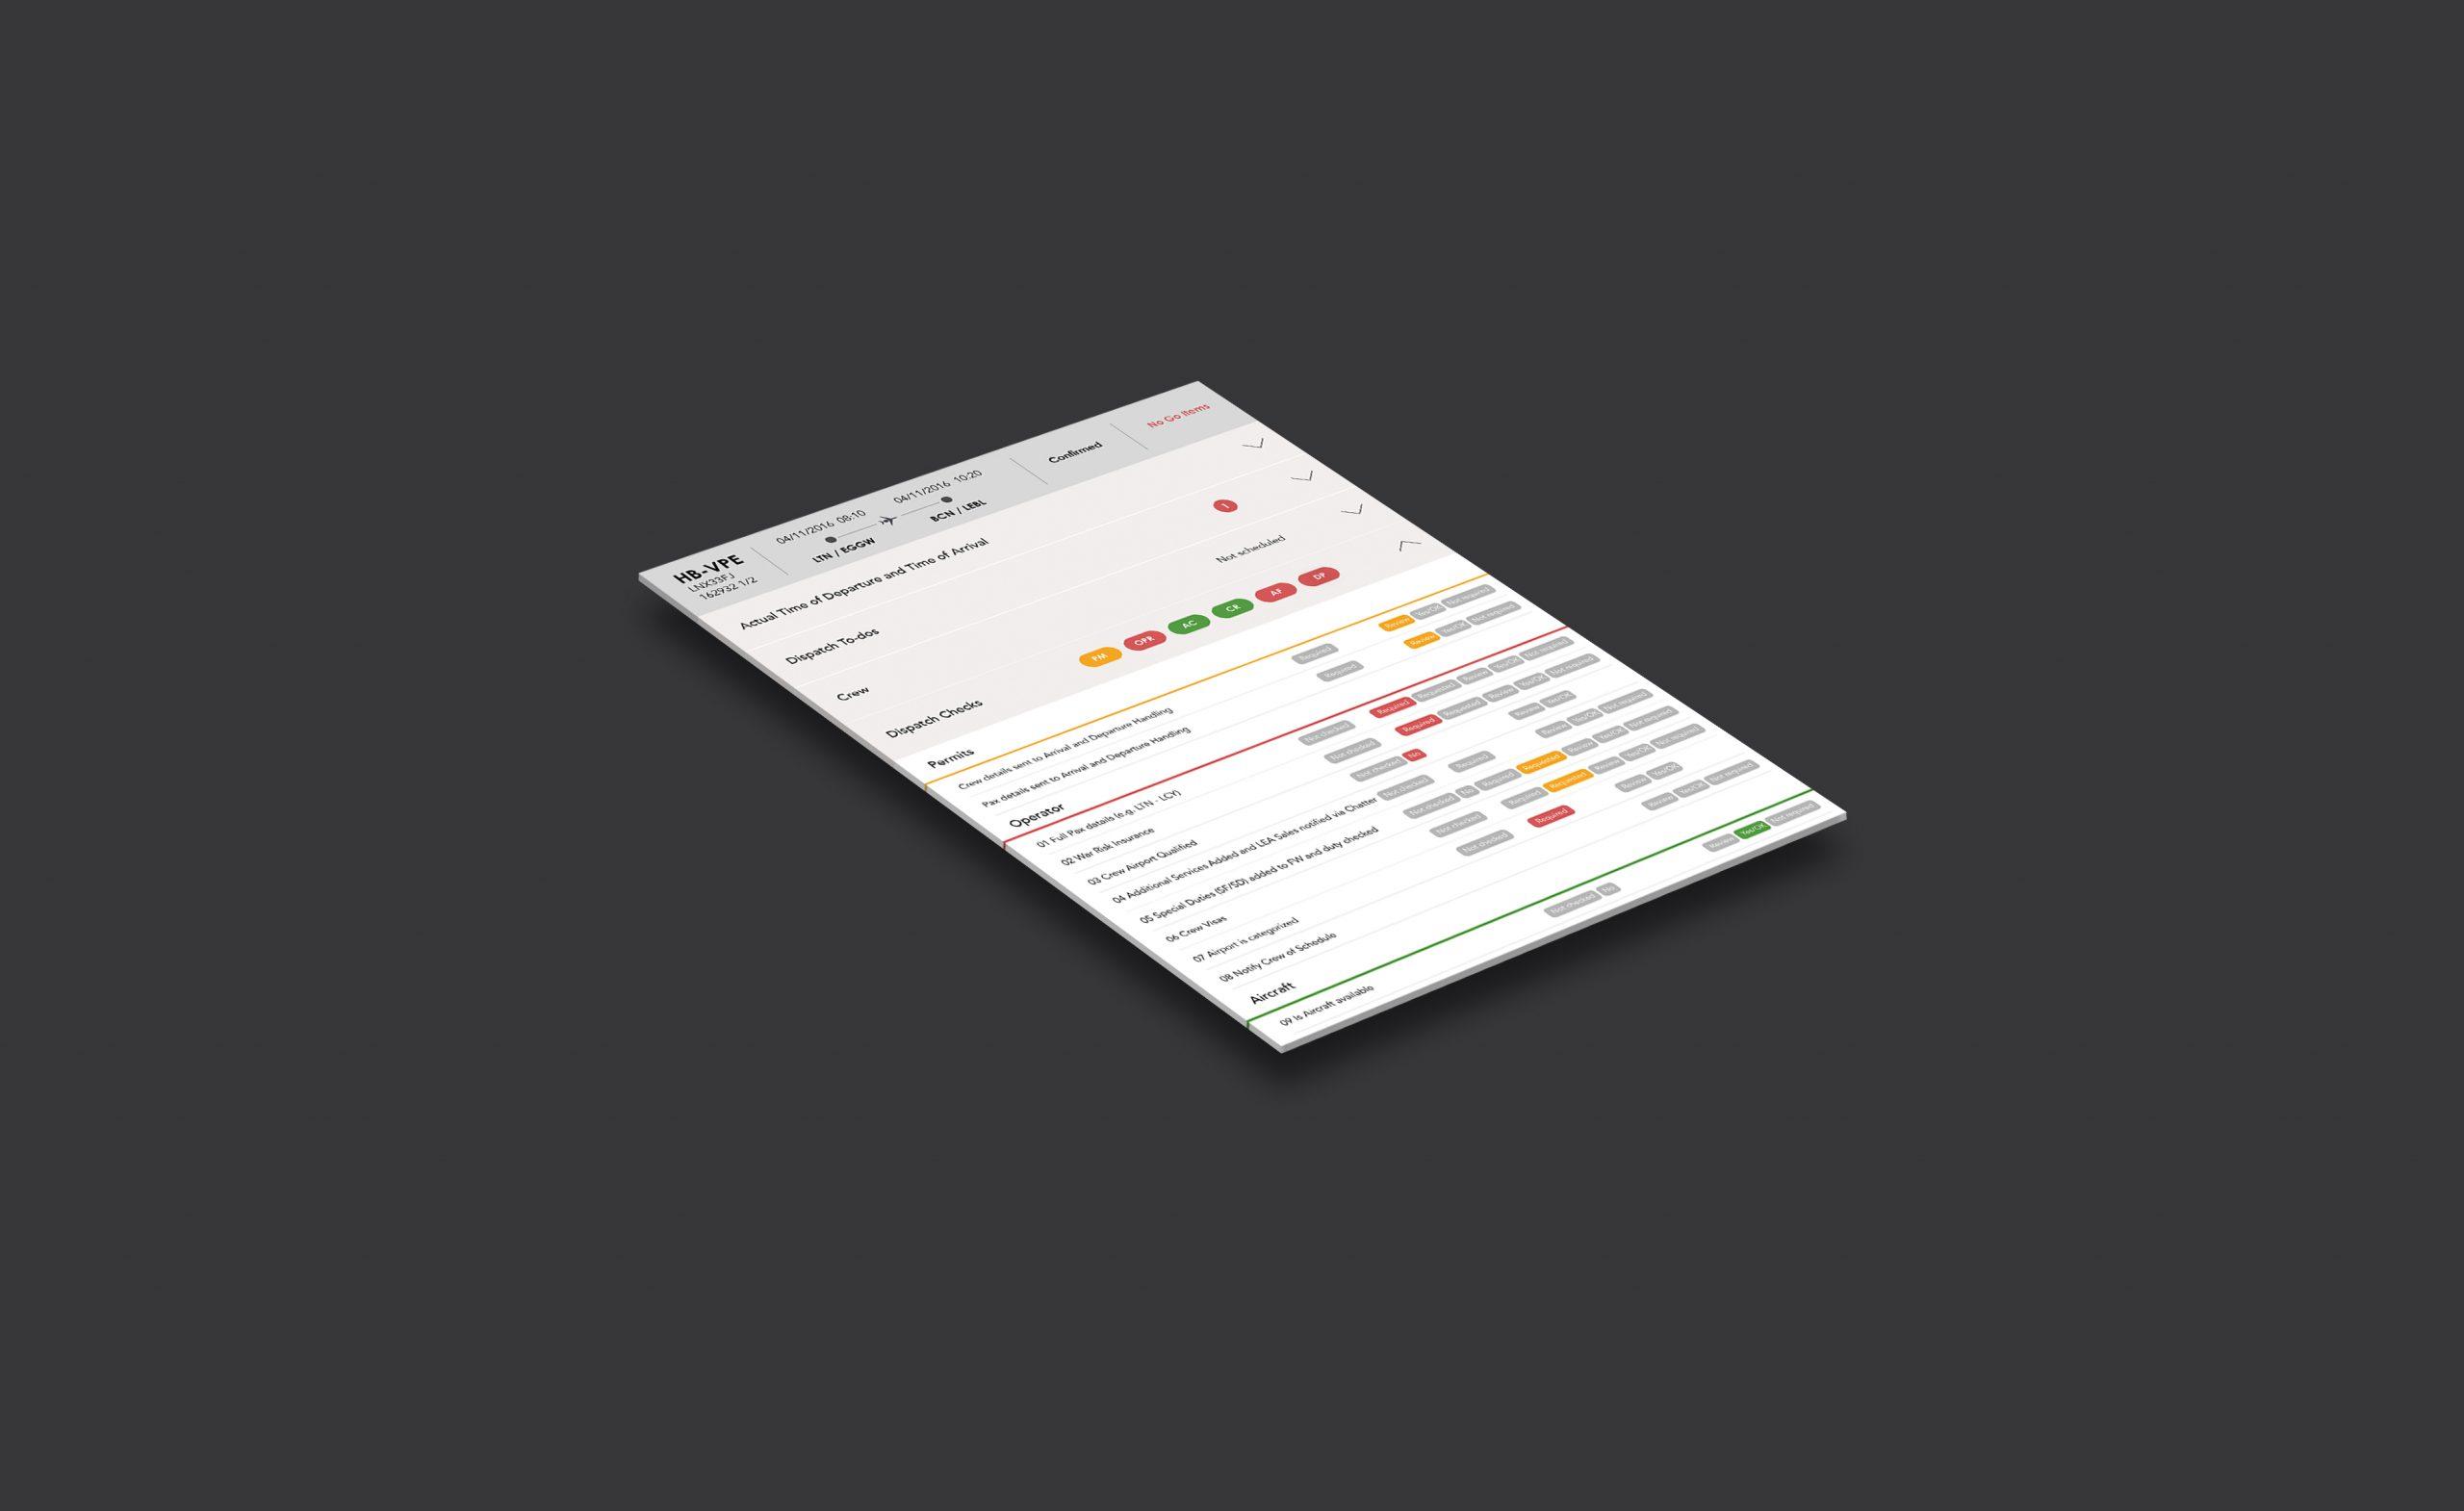 flightware-pespective-website-mockup